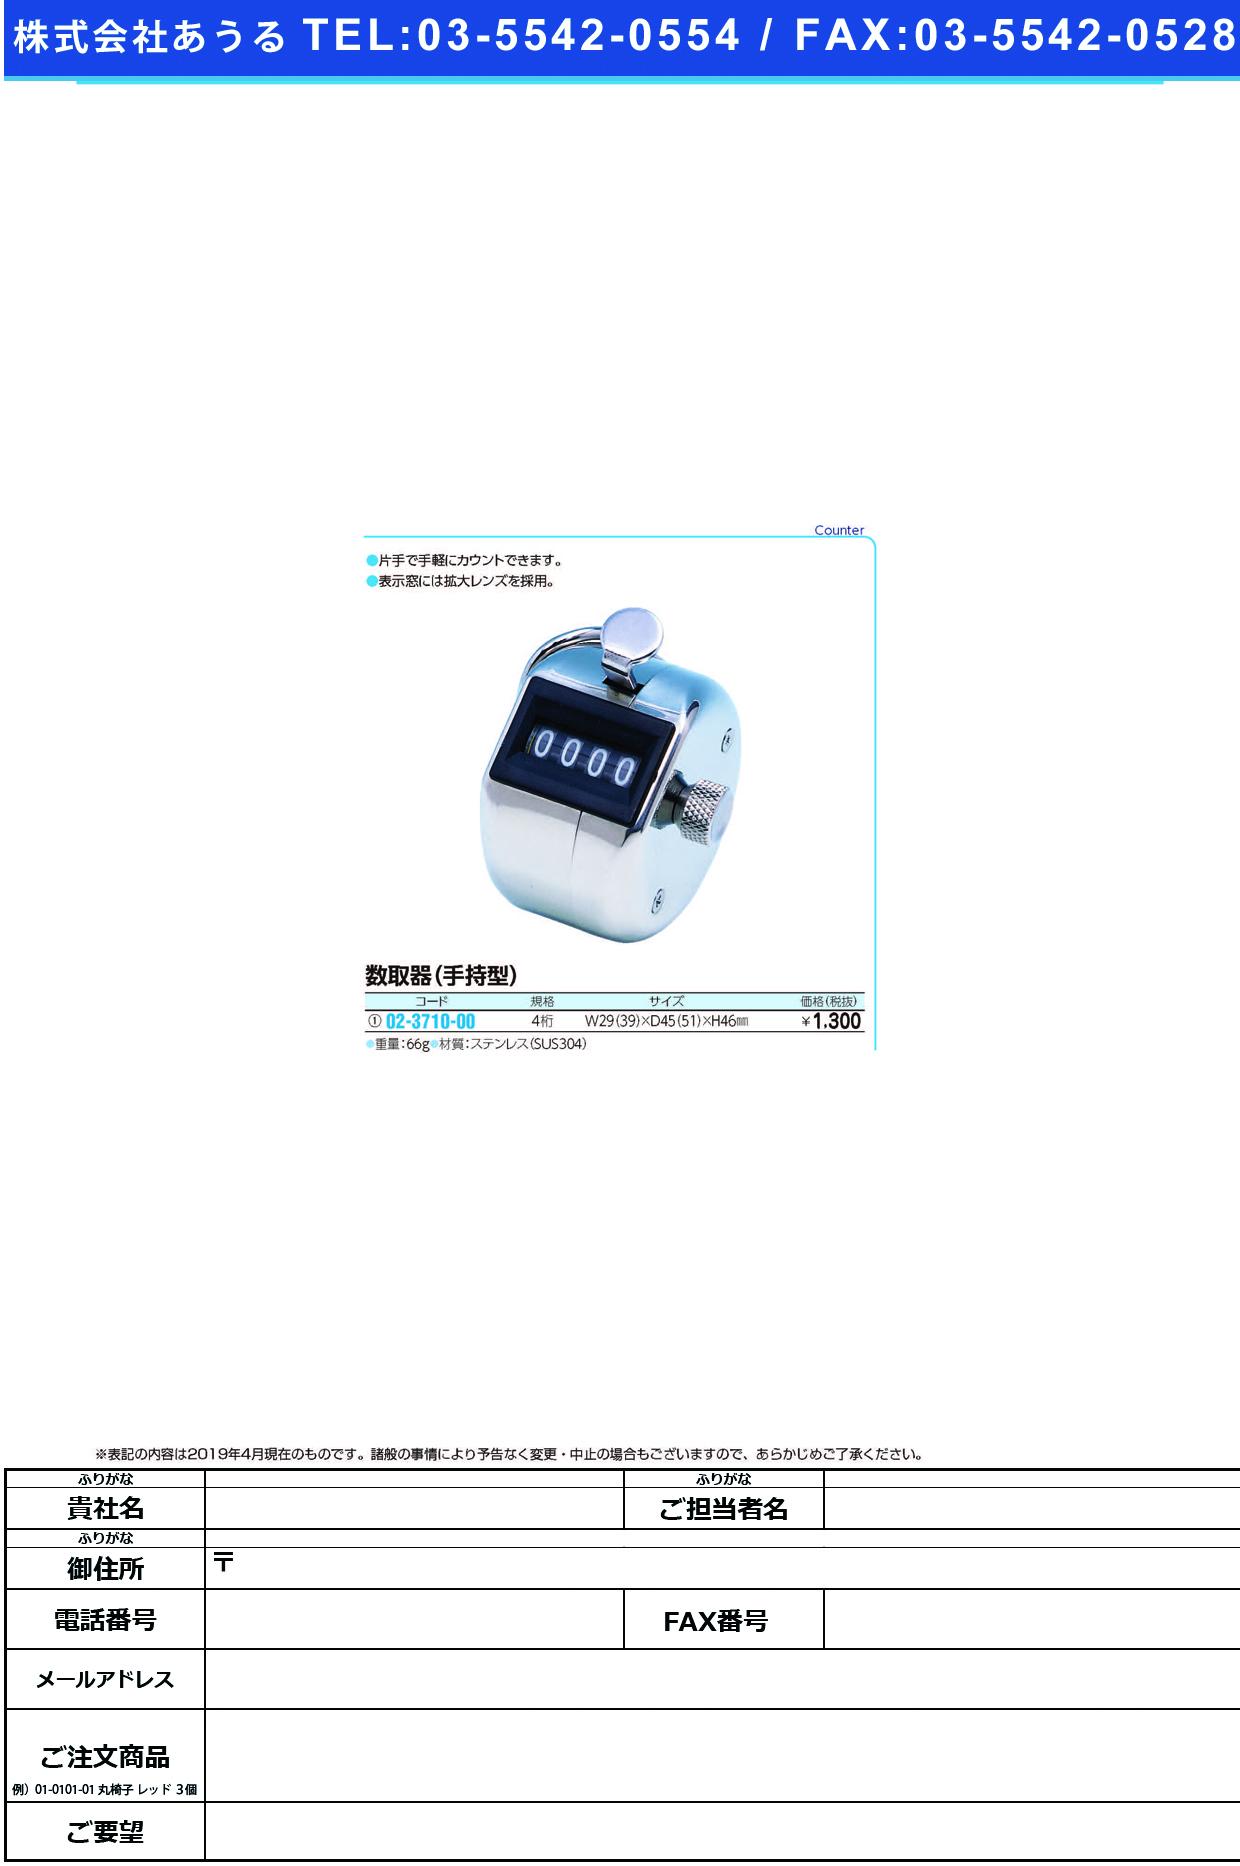 (02-3710-00)数取器(4桁)  カズトリキ(4ケタ)【1個単位】【2019年カタログ商品】